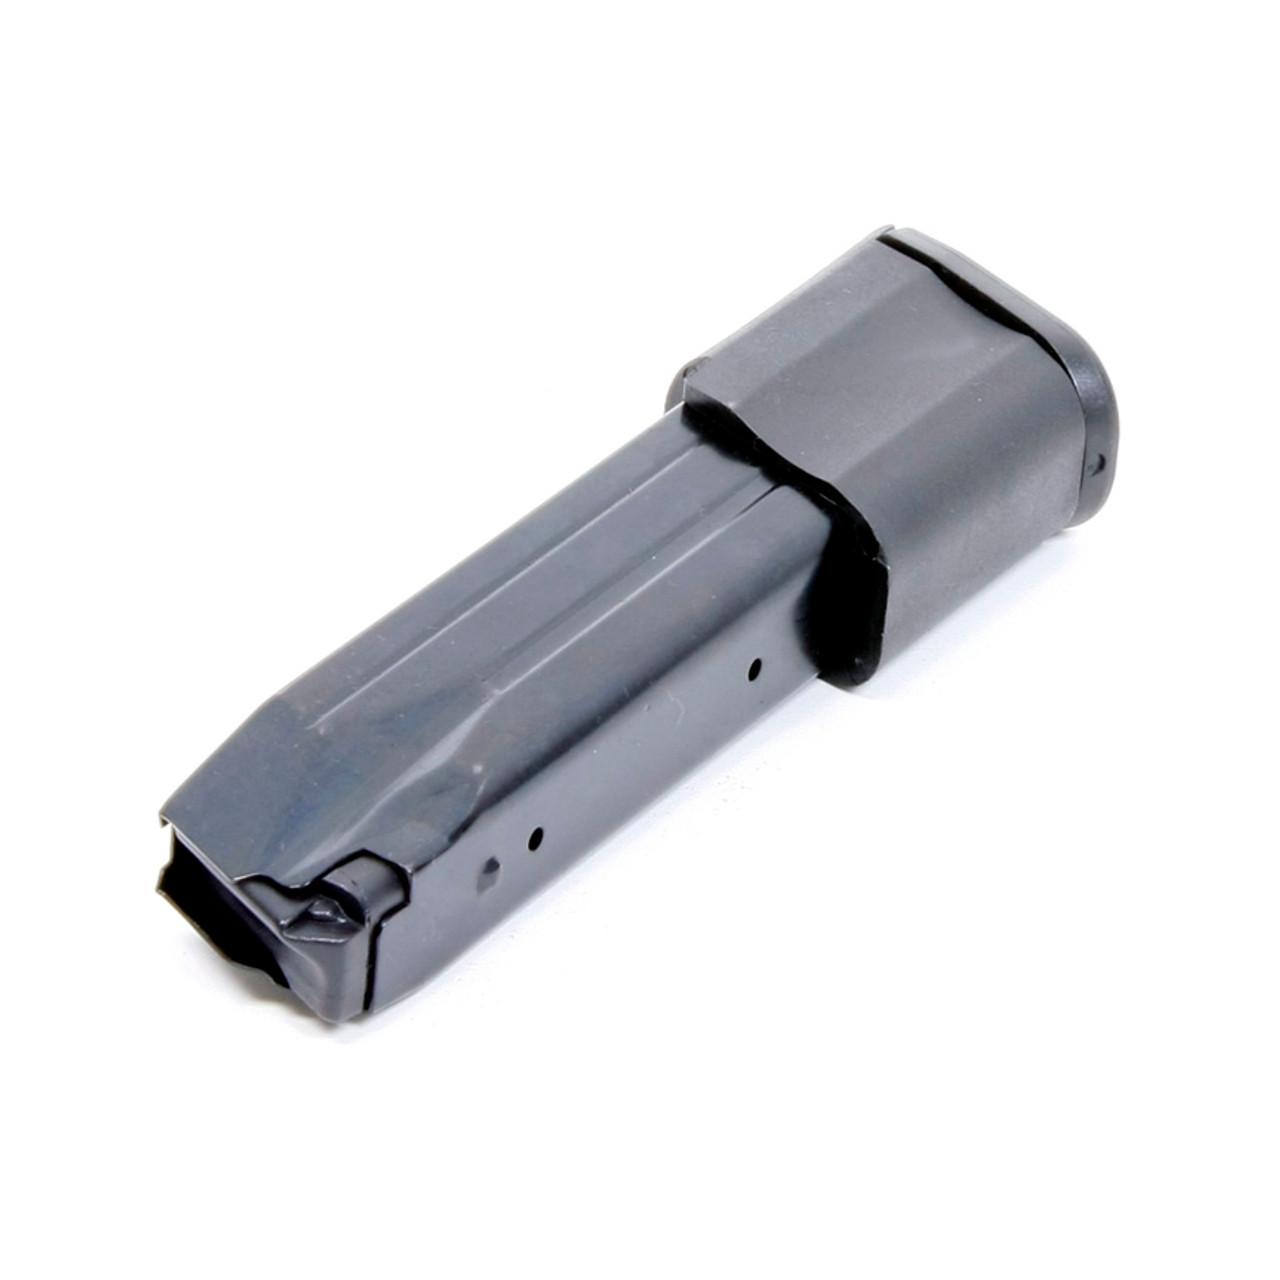 HK® USP® Full Size Pistol .45 ACP (20) Rd - Blue Steel